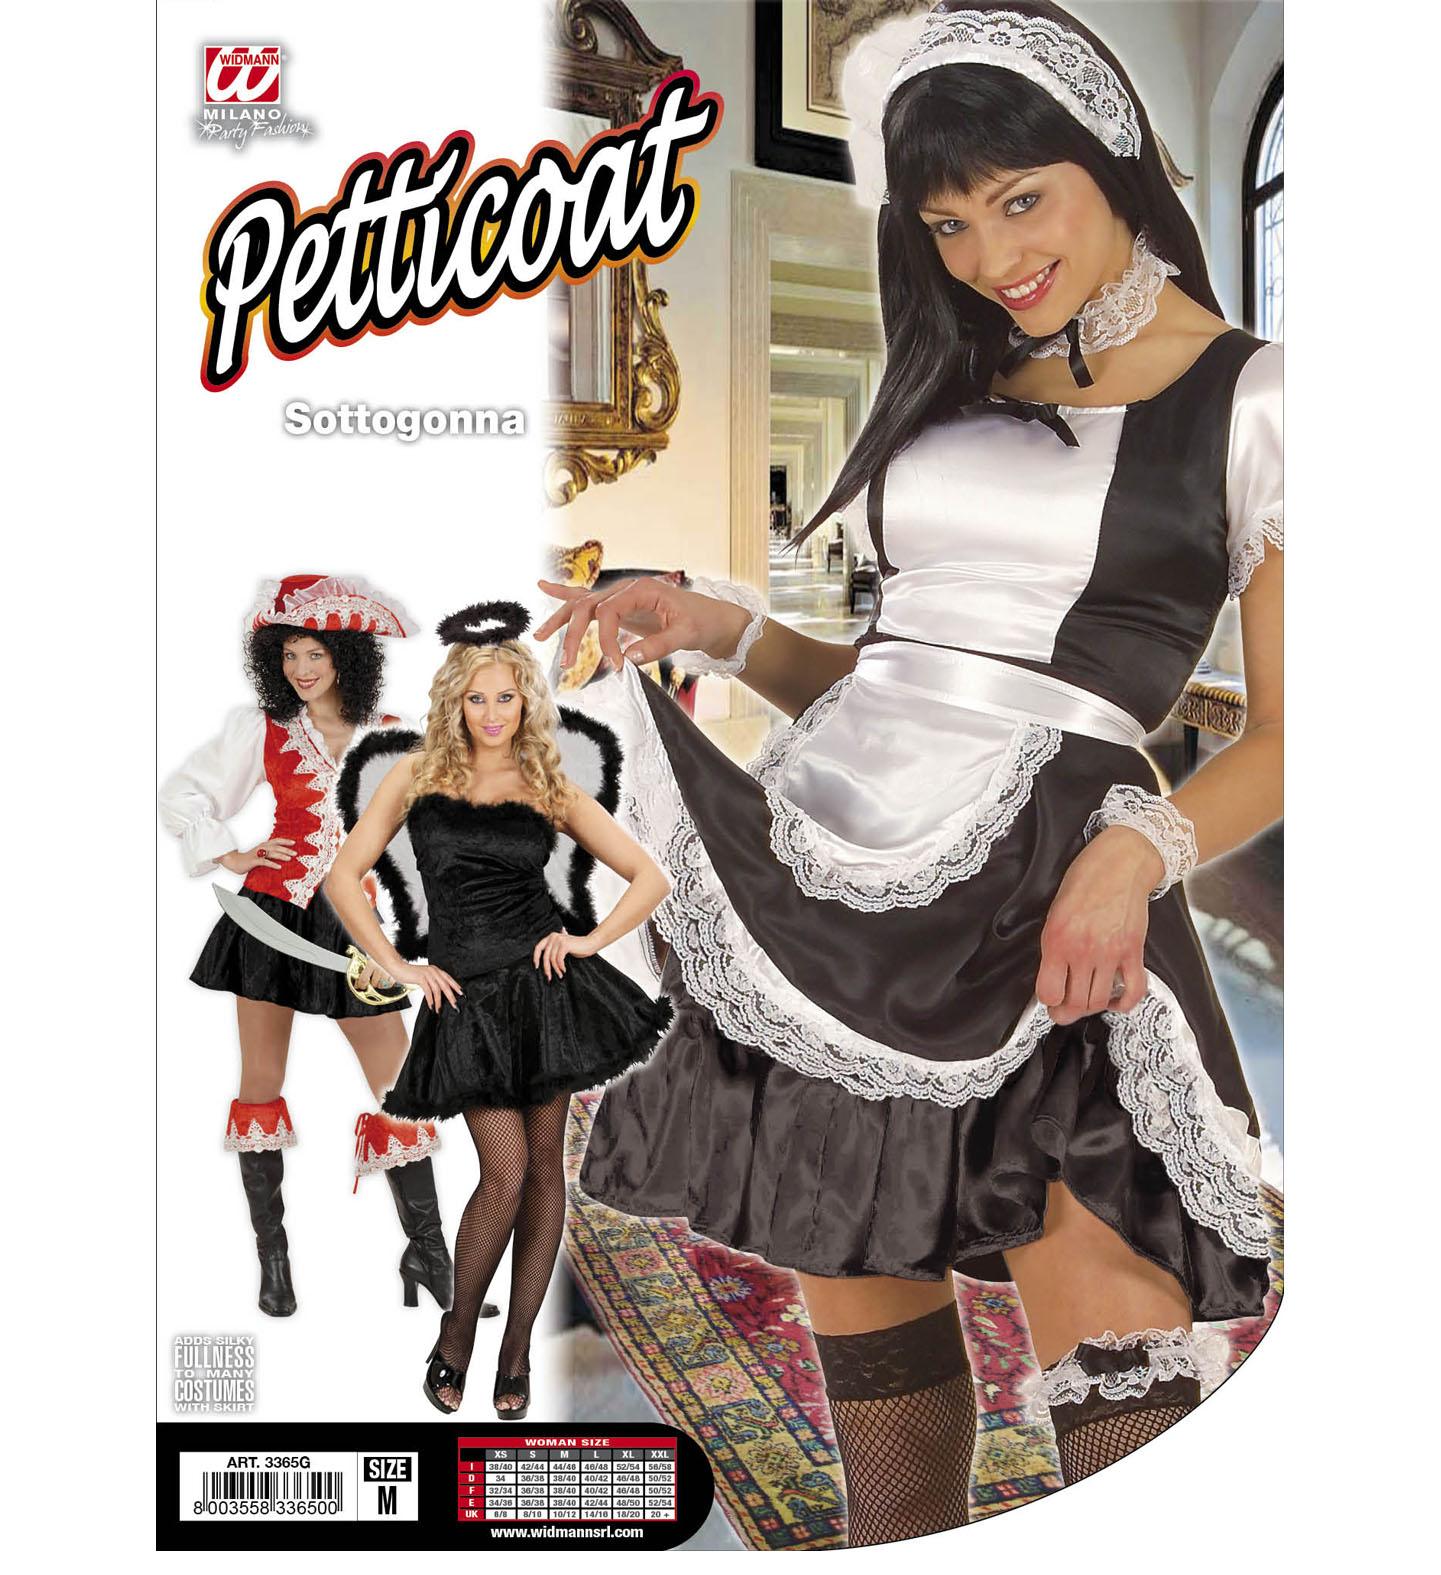 ... Petticoat alsószoknya fekete női jelmez felnőtt általános méretb ... 933c9e3f37